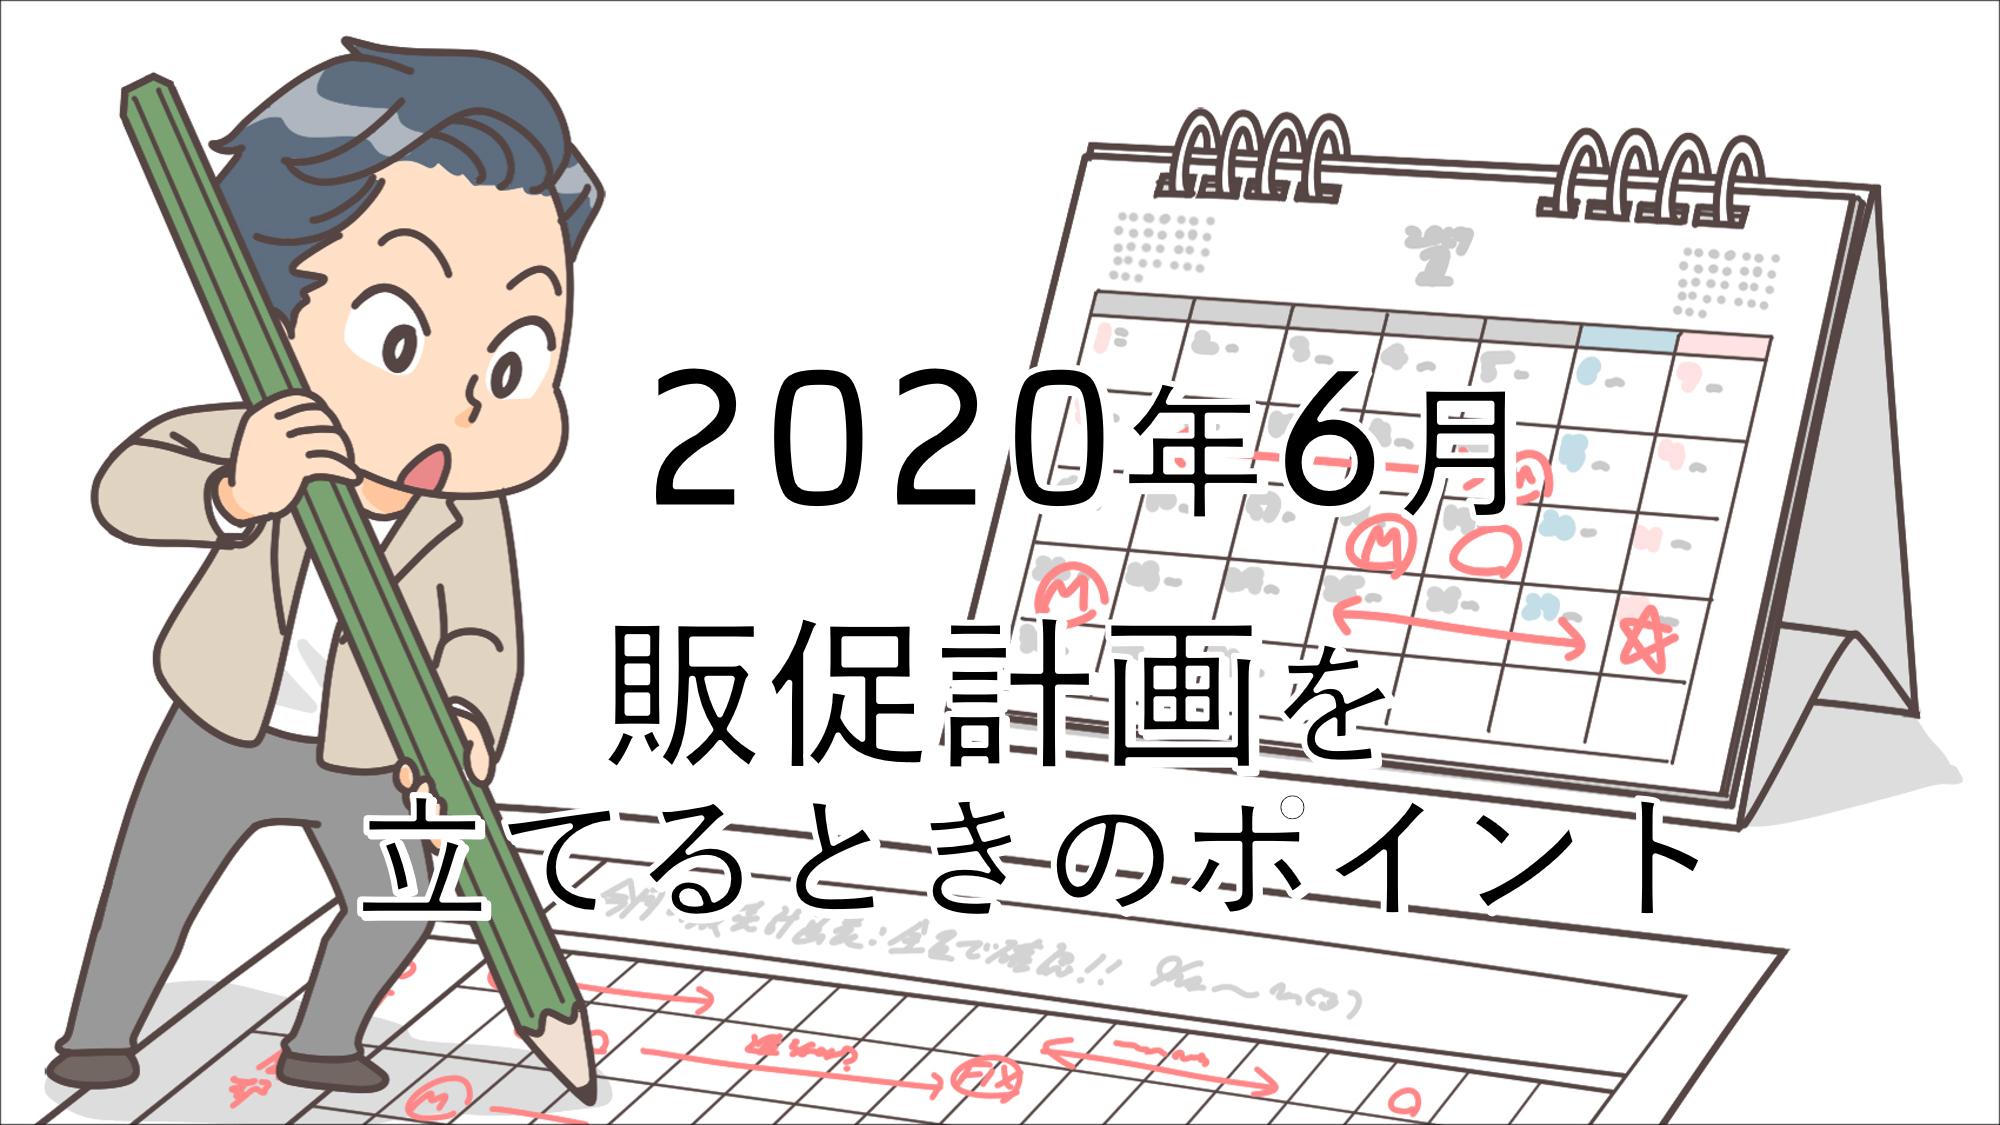 梅雨入り 2020 の 今年